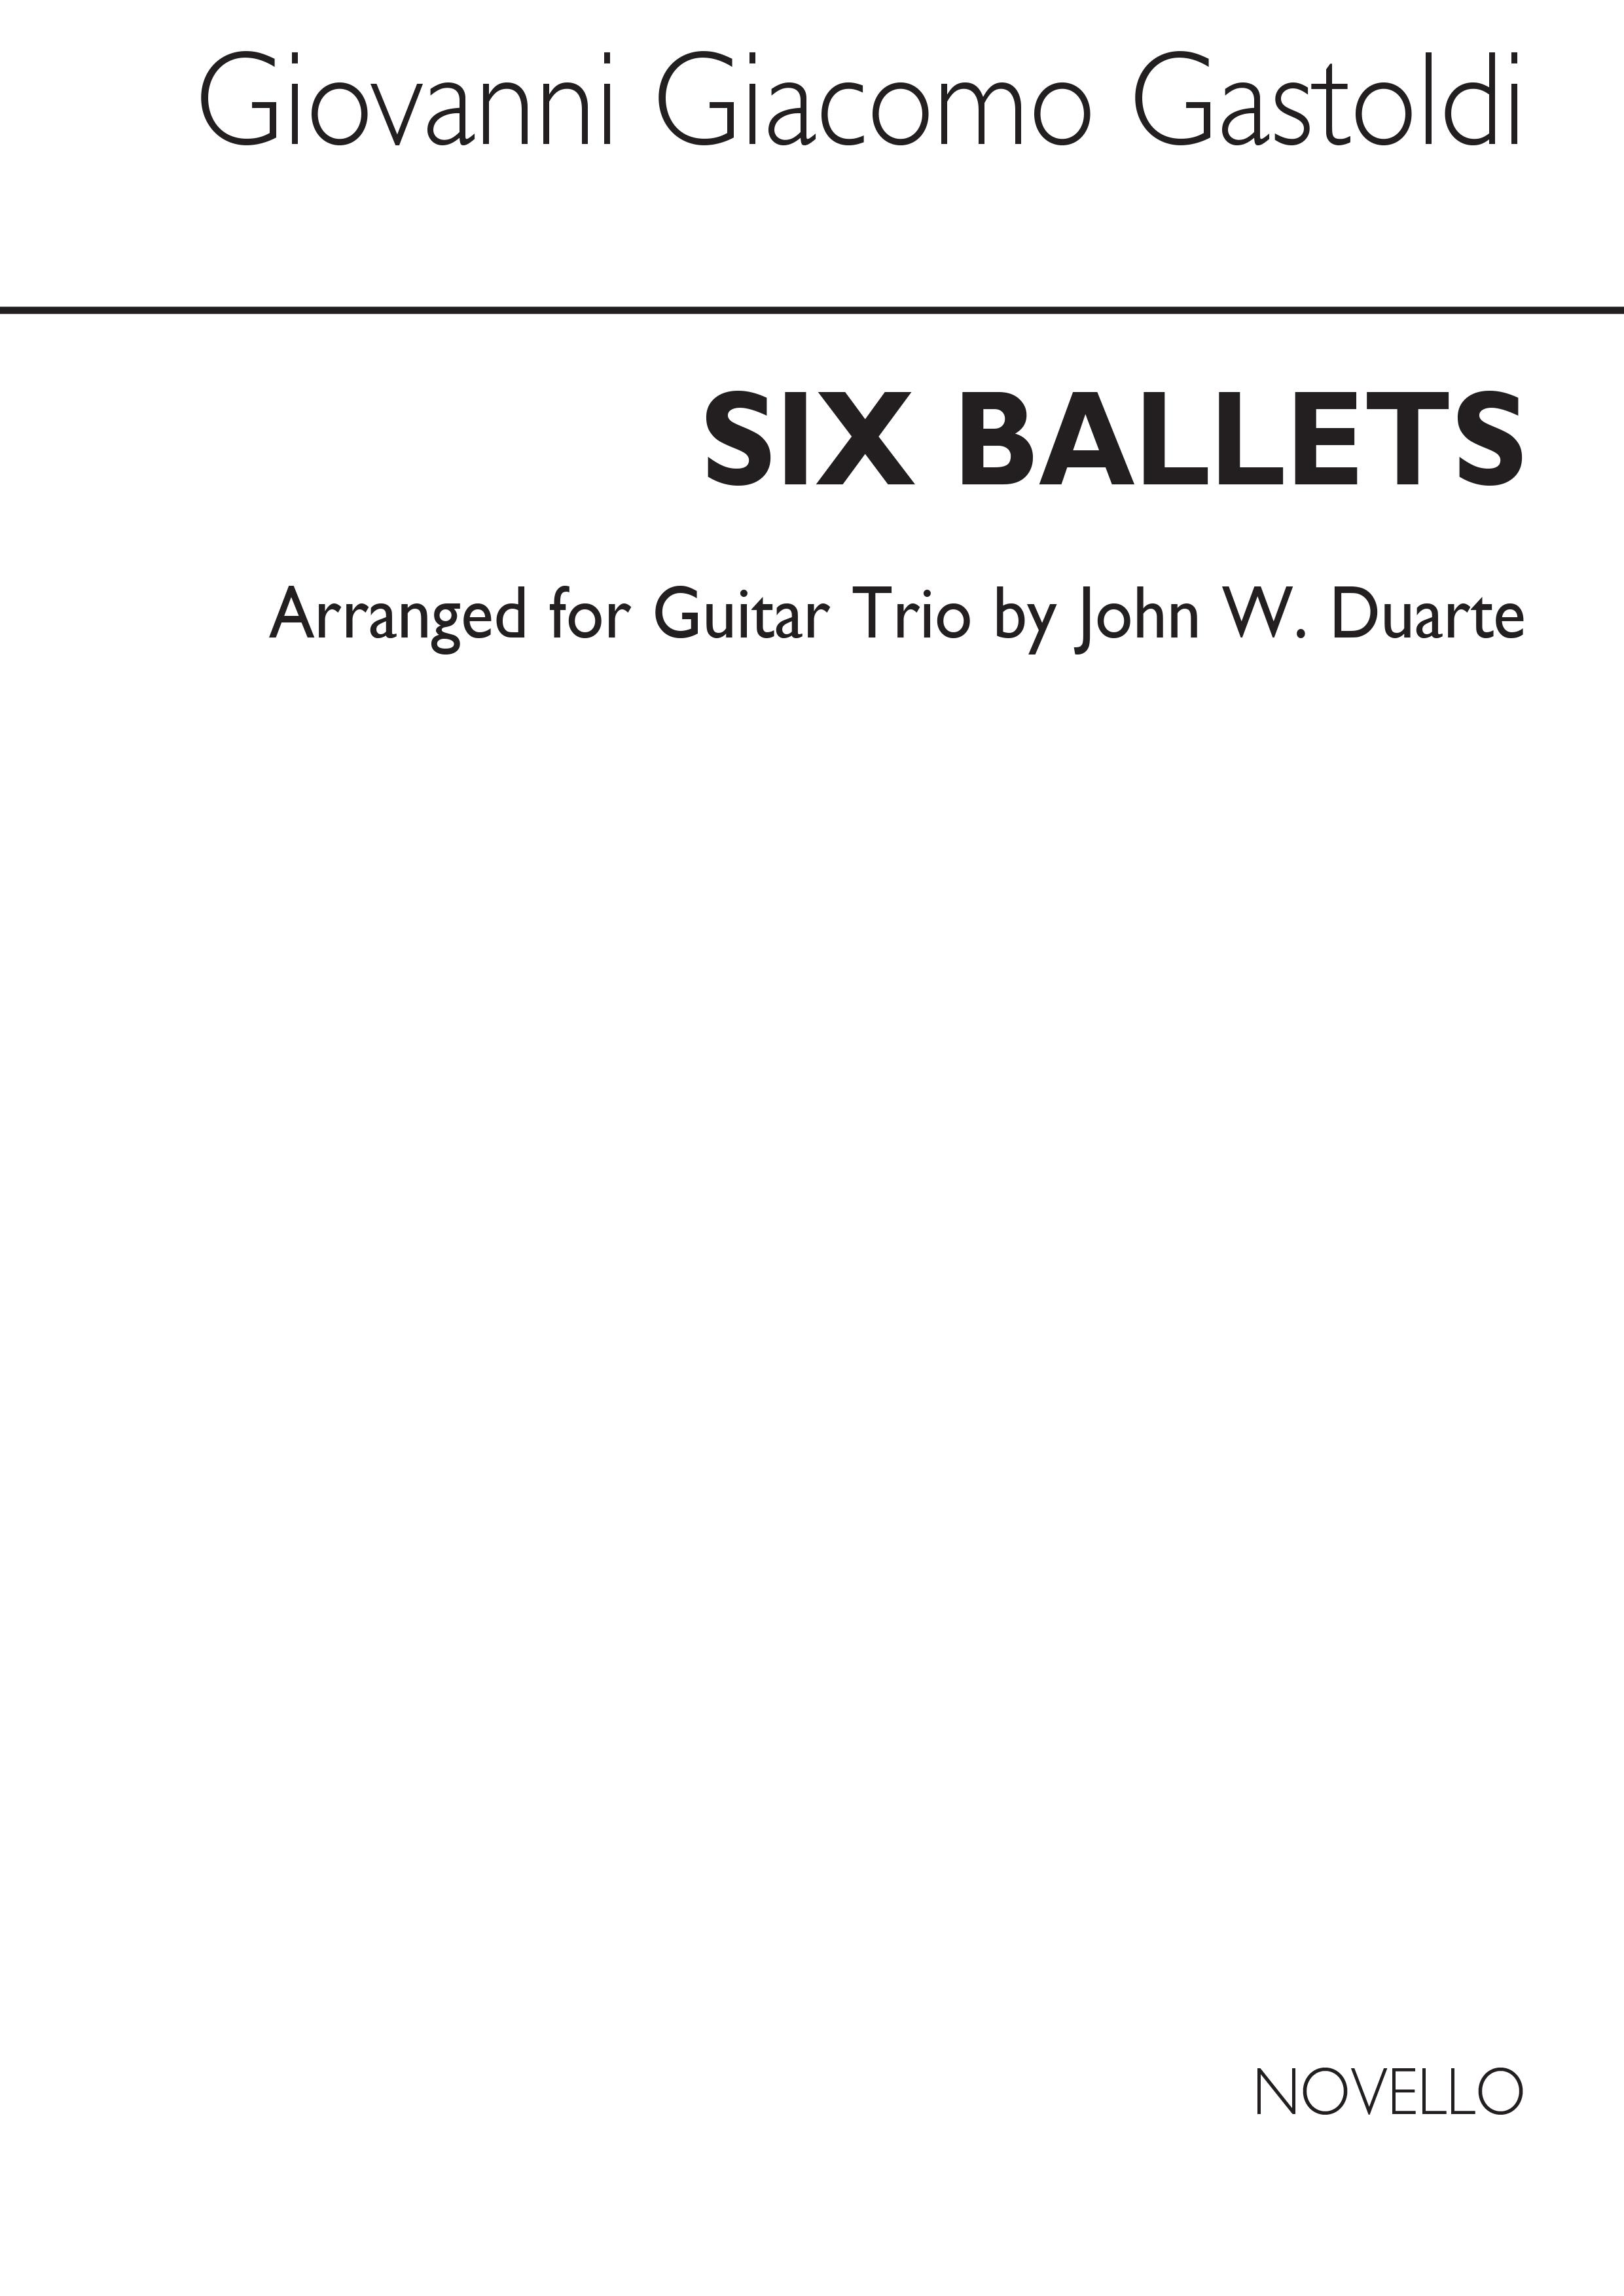 Giovanni Giacomo Gastoldi John W. Duarte: Six Ballets For Guitar Trio: Guitar